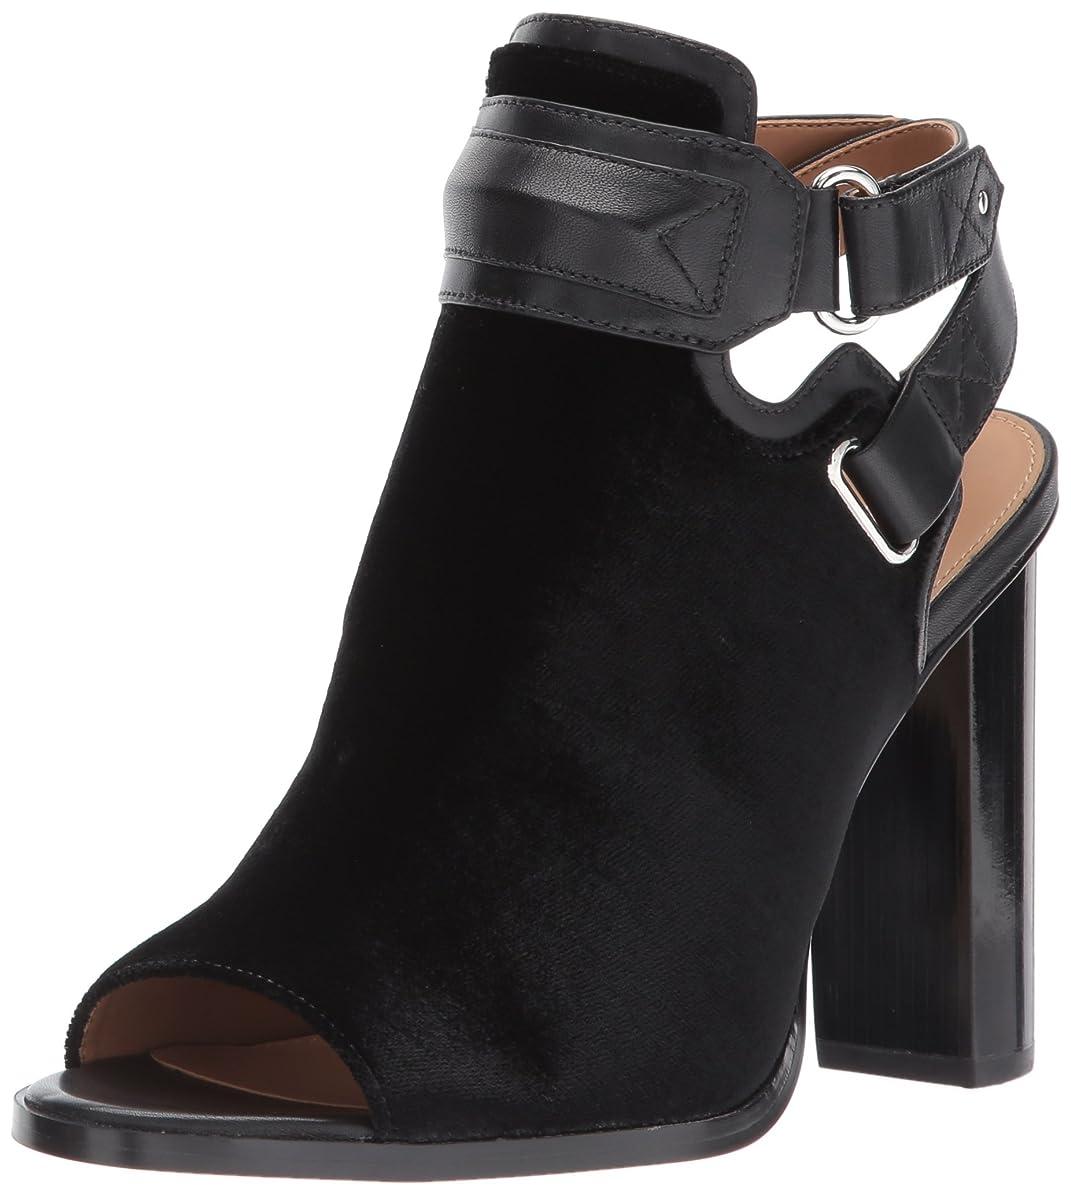 不幸ブランド上院議員[Calvin Klein] レディース Kara カラー: ブラック